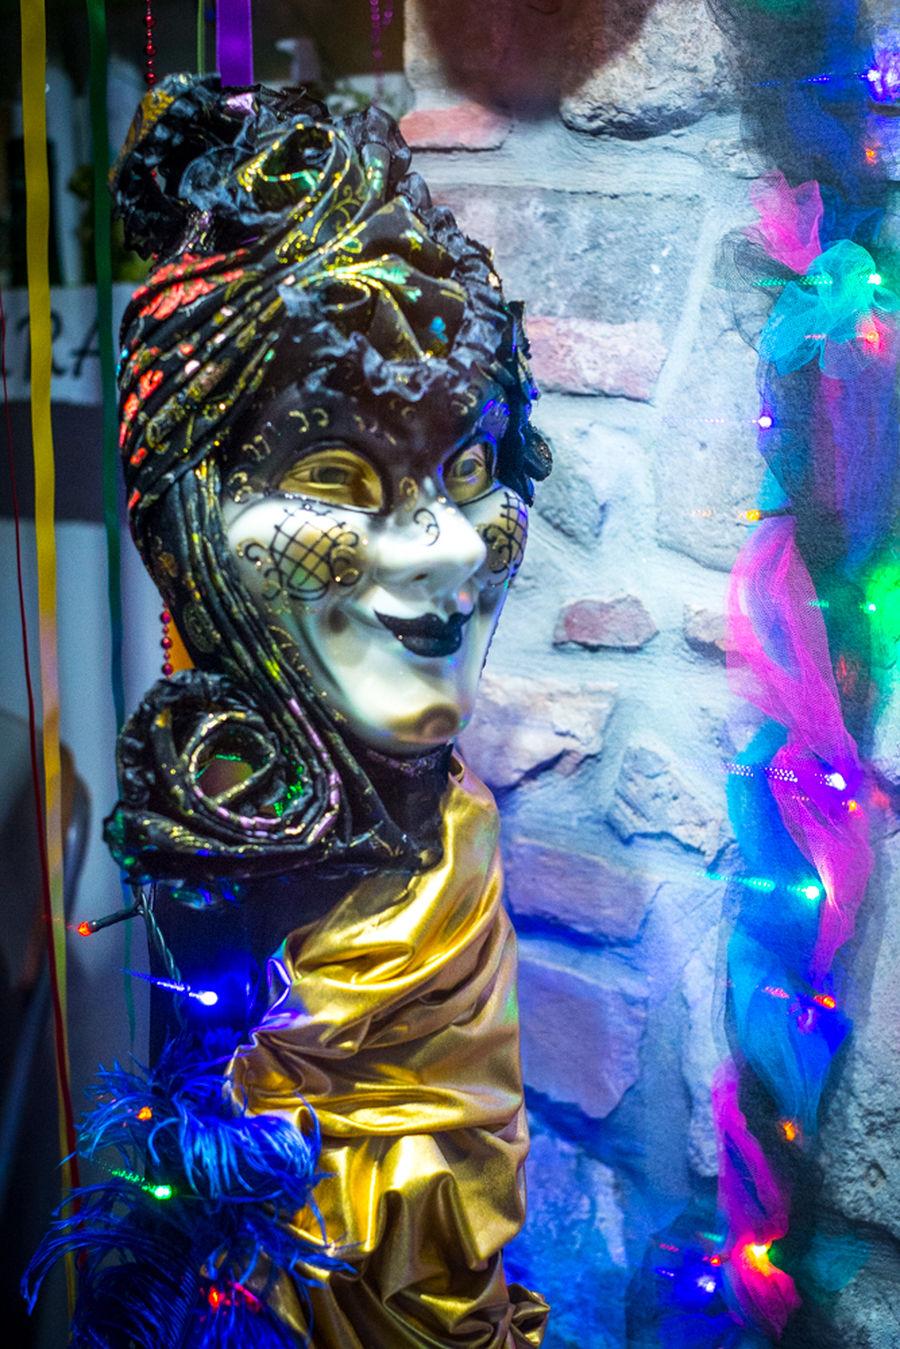 Ciao Carnevale Carneval Carnevaldemuja63 TriesteSocial Livemuggia Muggia Discovertrieste Creativity ComunediMuggia Muggialive Colours Fujifilm Discovermuggia Colors Of Carnival Showcase: February Friuliveneziagiulia Trieste Livemuja Showcase:february Colours Of Carnival Colours Of Carnival Colors Of Carnival